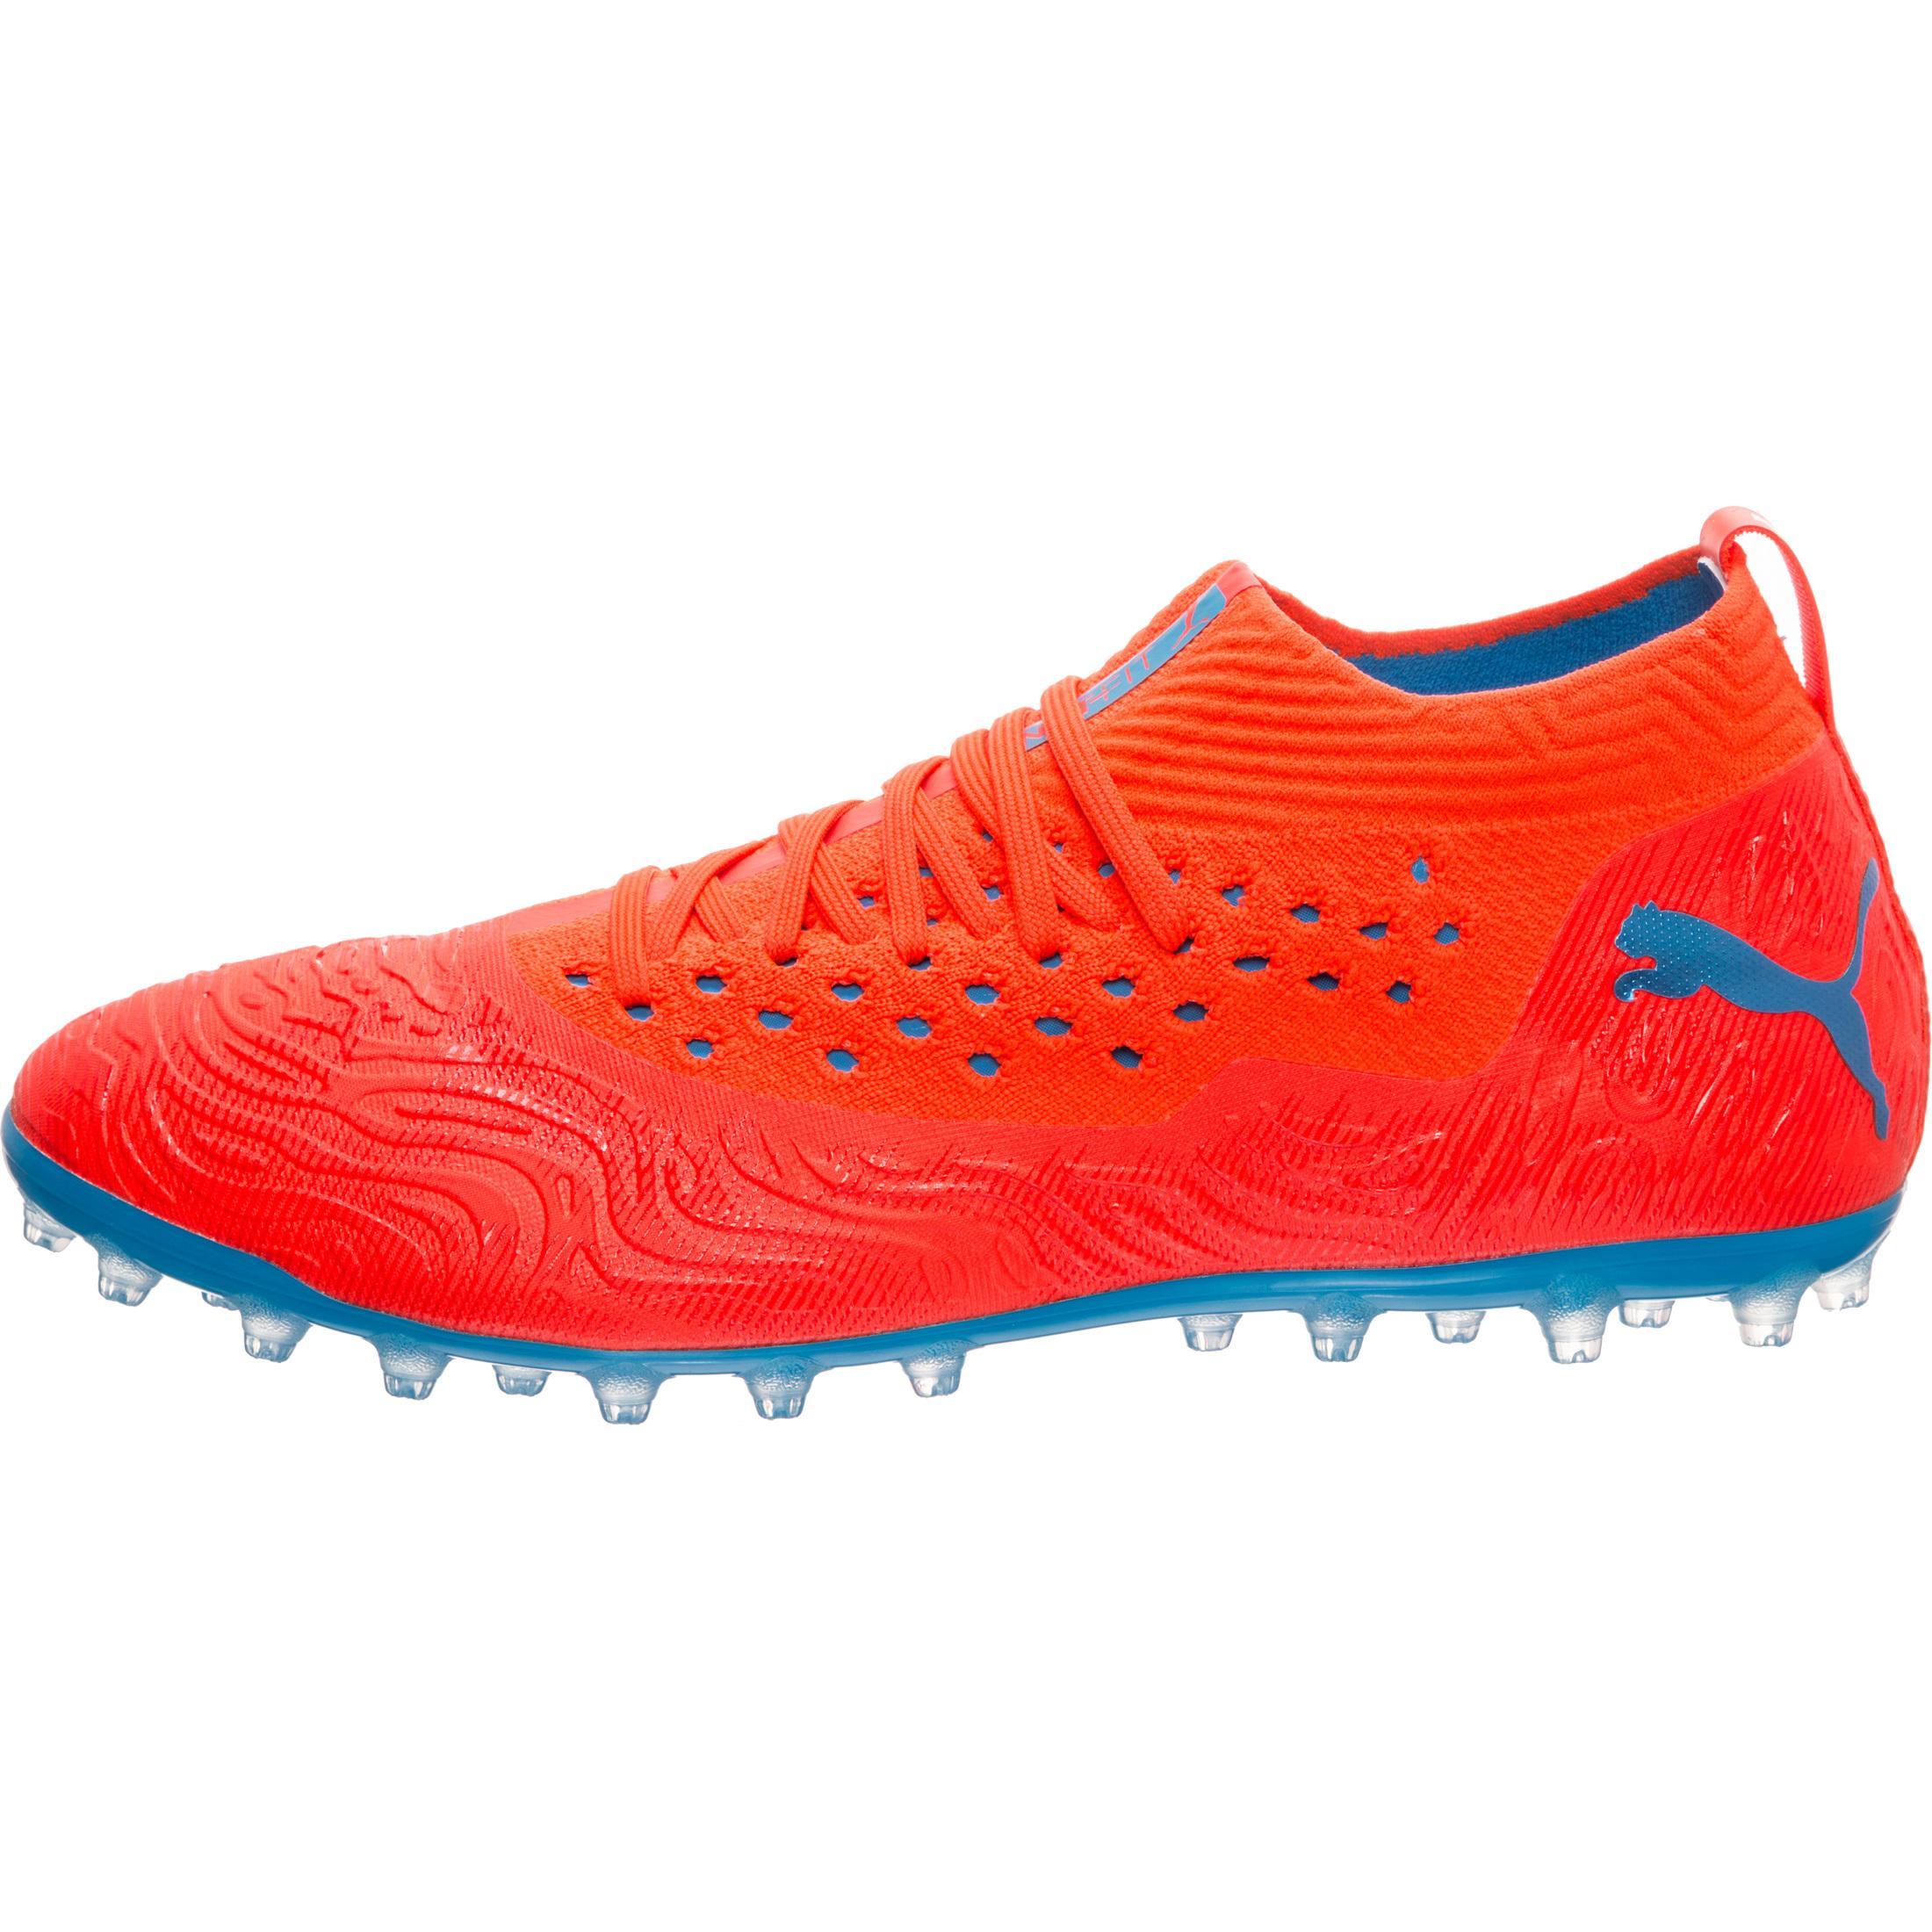 PUMA Future 19.2 Netfit MG Shop Fußballschuhe Herren rot   blau im Online Shop MG von SportScheck kaufen Gute Qualität beliebte Schuhe 43eee2